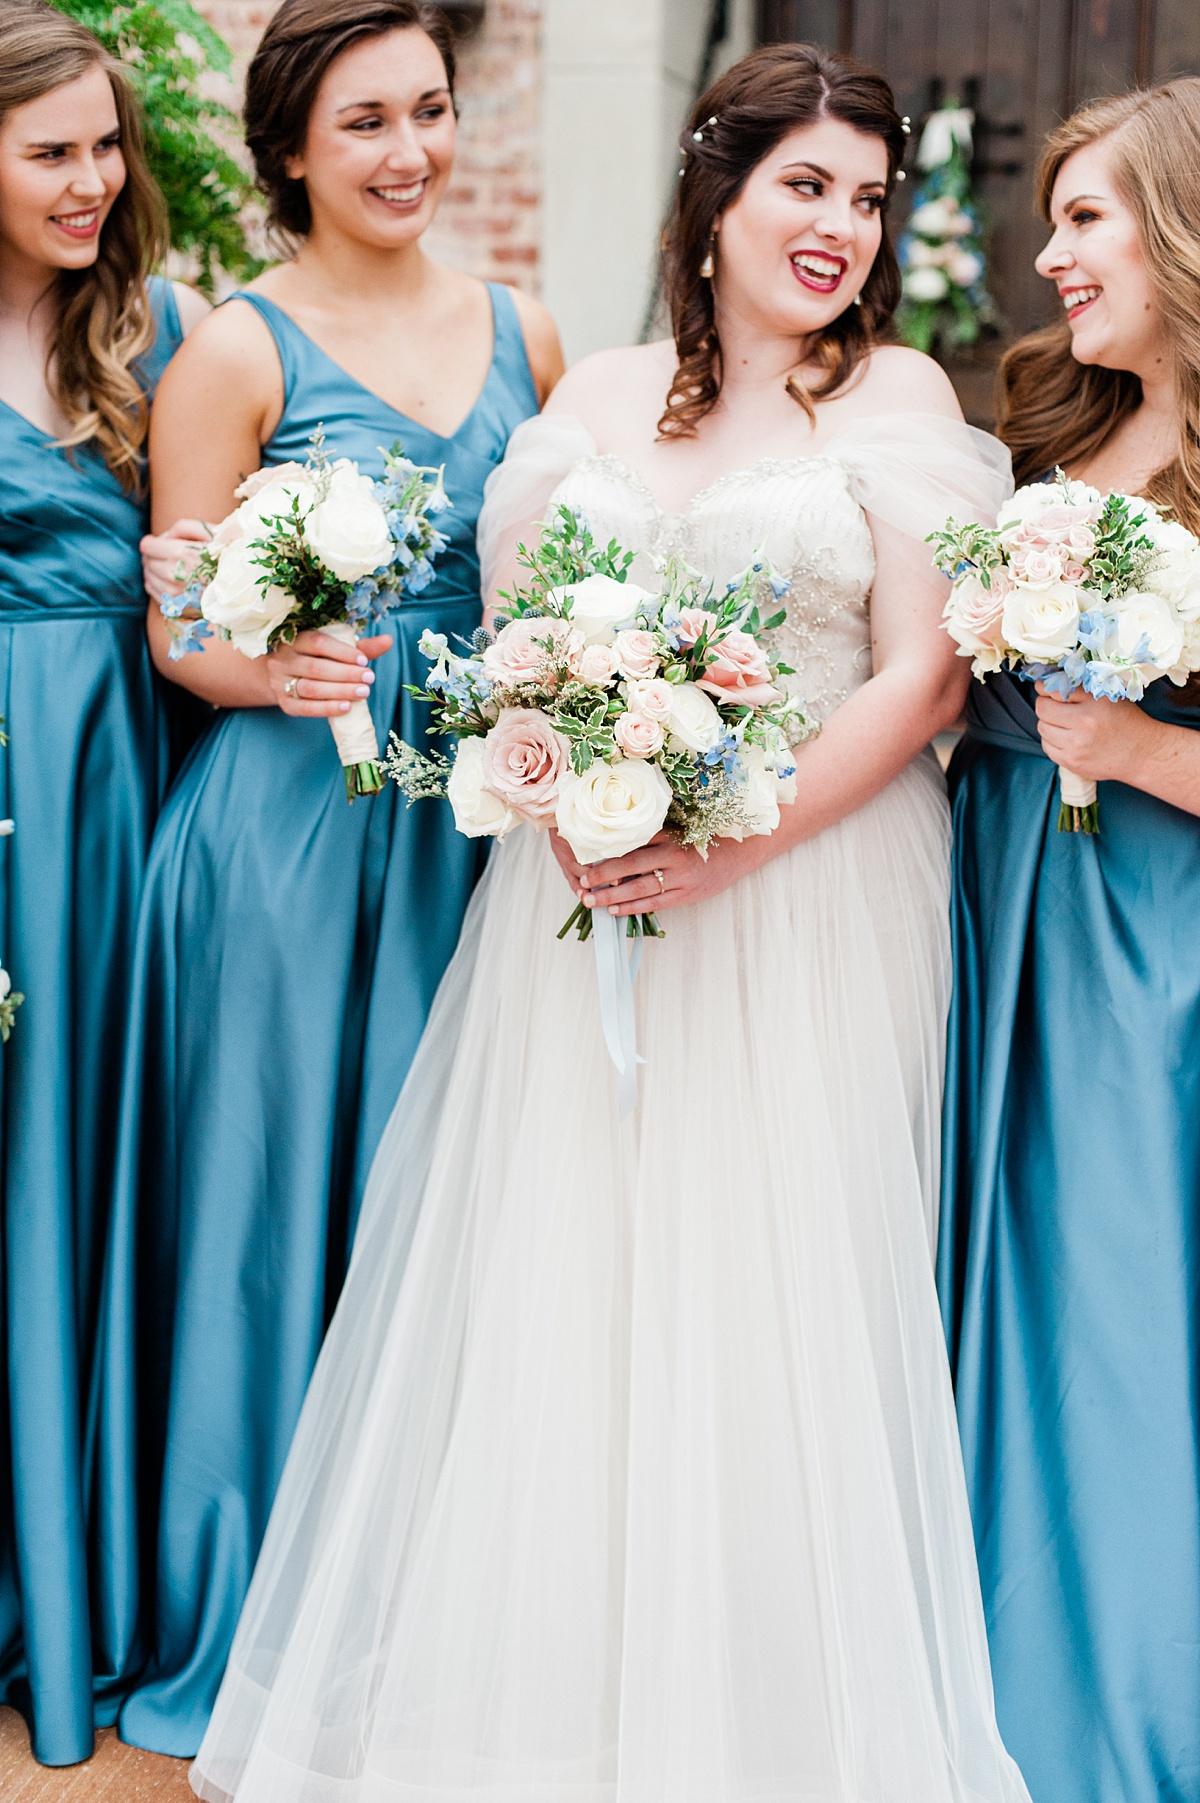 celtic-mississippi-wedding_36.jpg